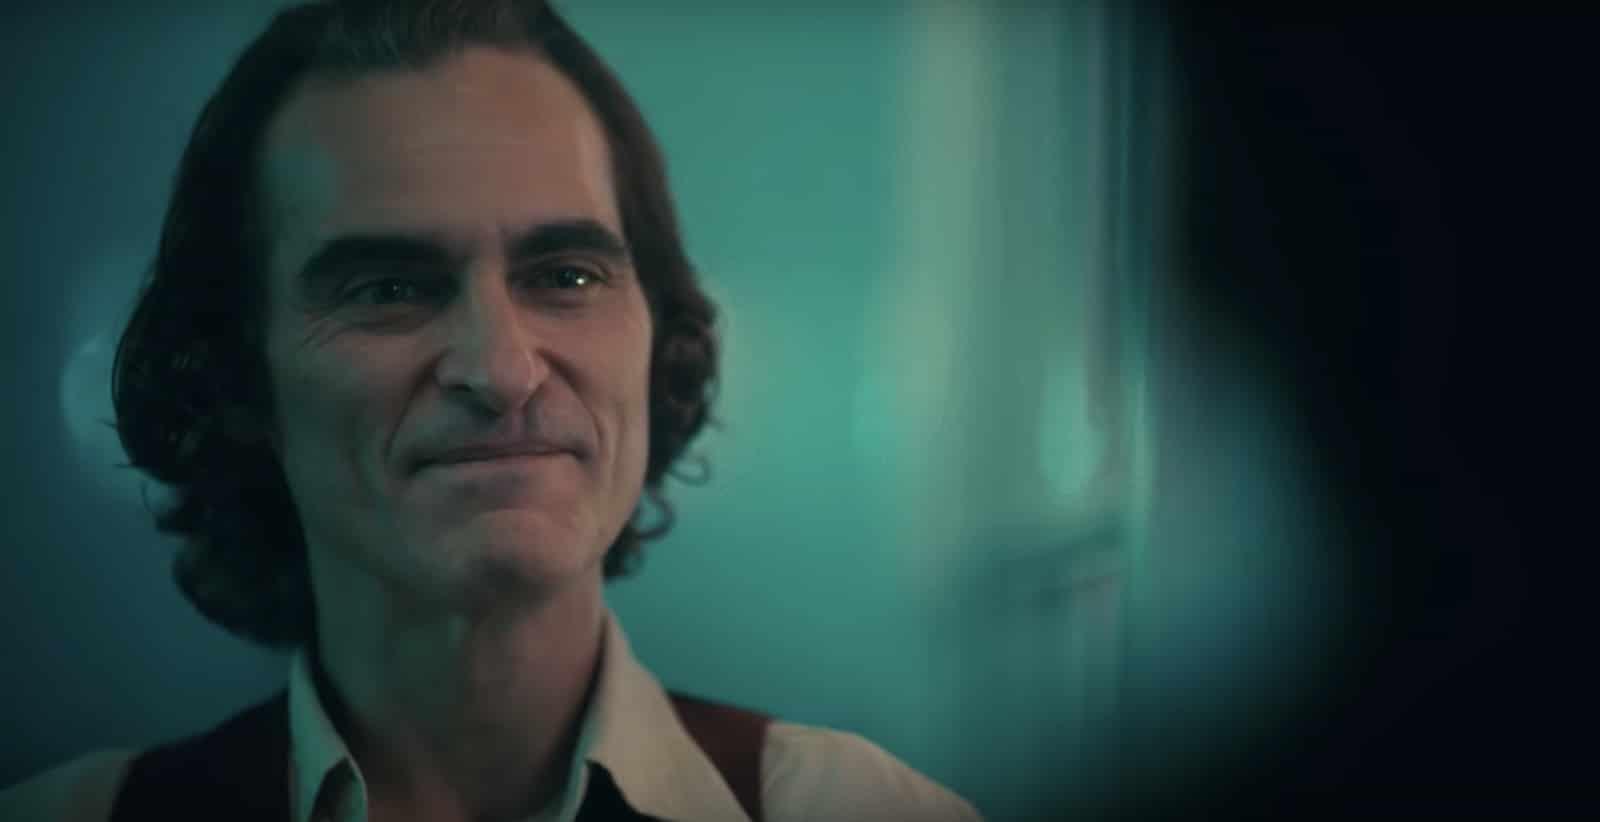 Joker Movie Review - Joker Arthur - StudioBinder - 4